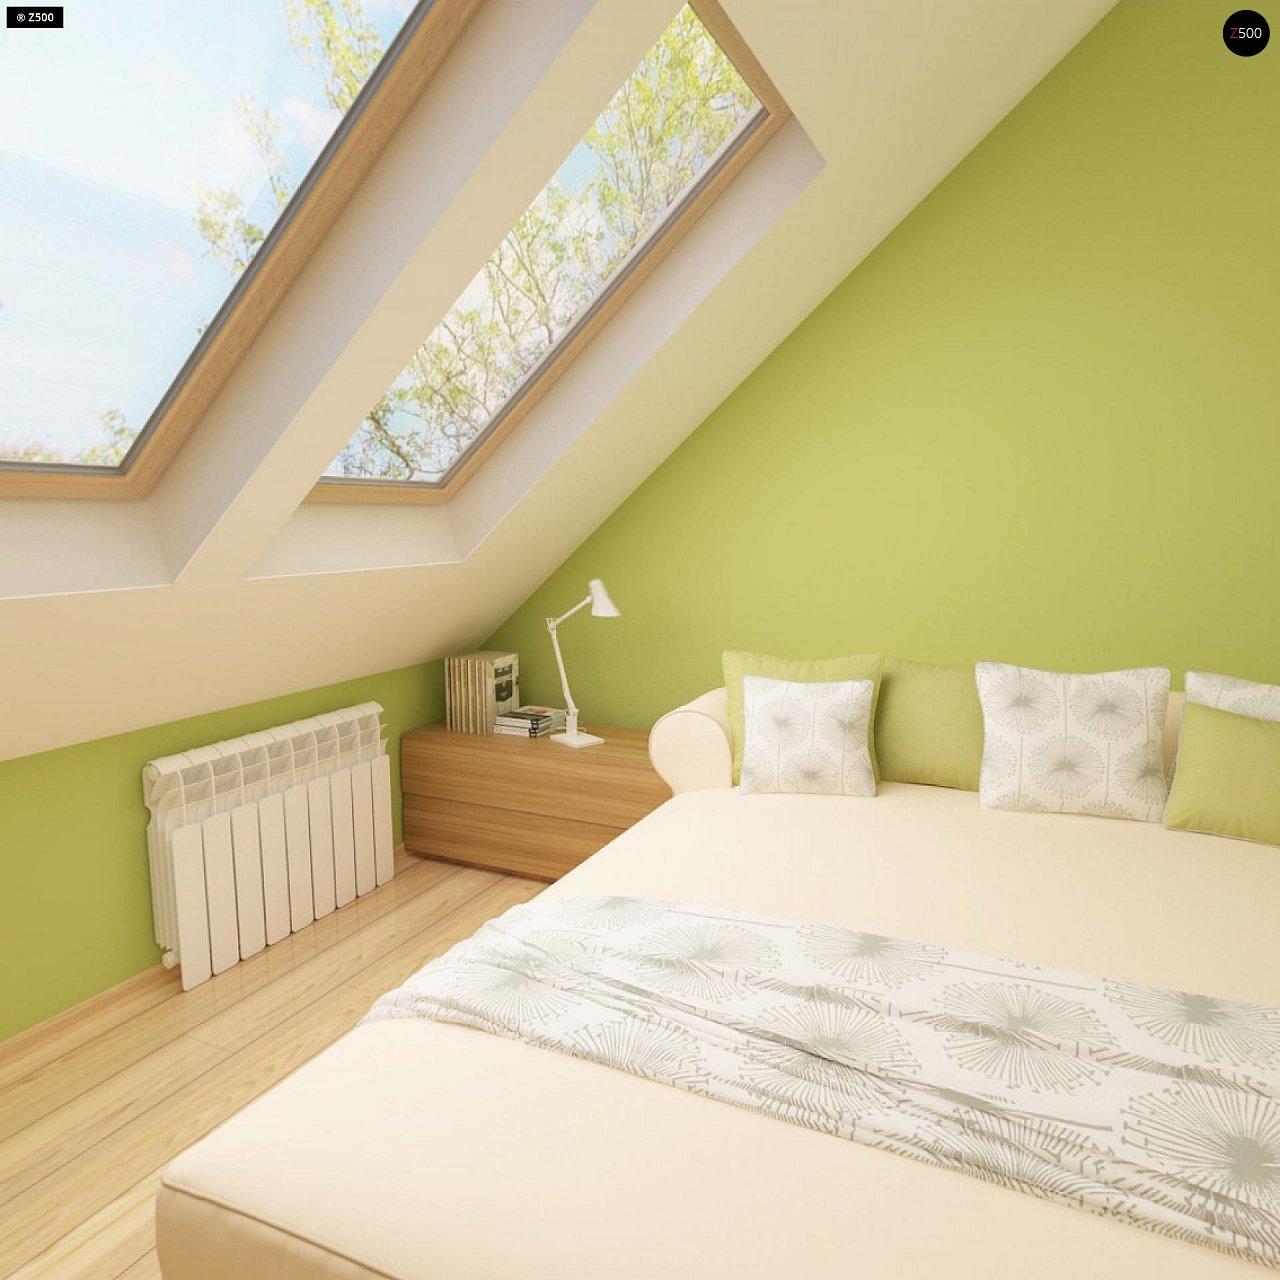 Выгодный и простой в строительстве дом с эркером в дневной зоне. 16